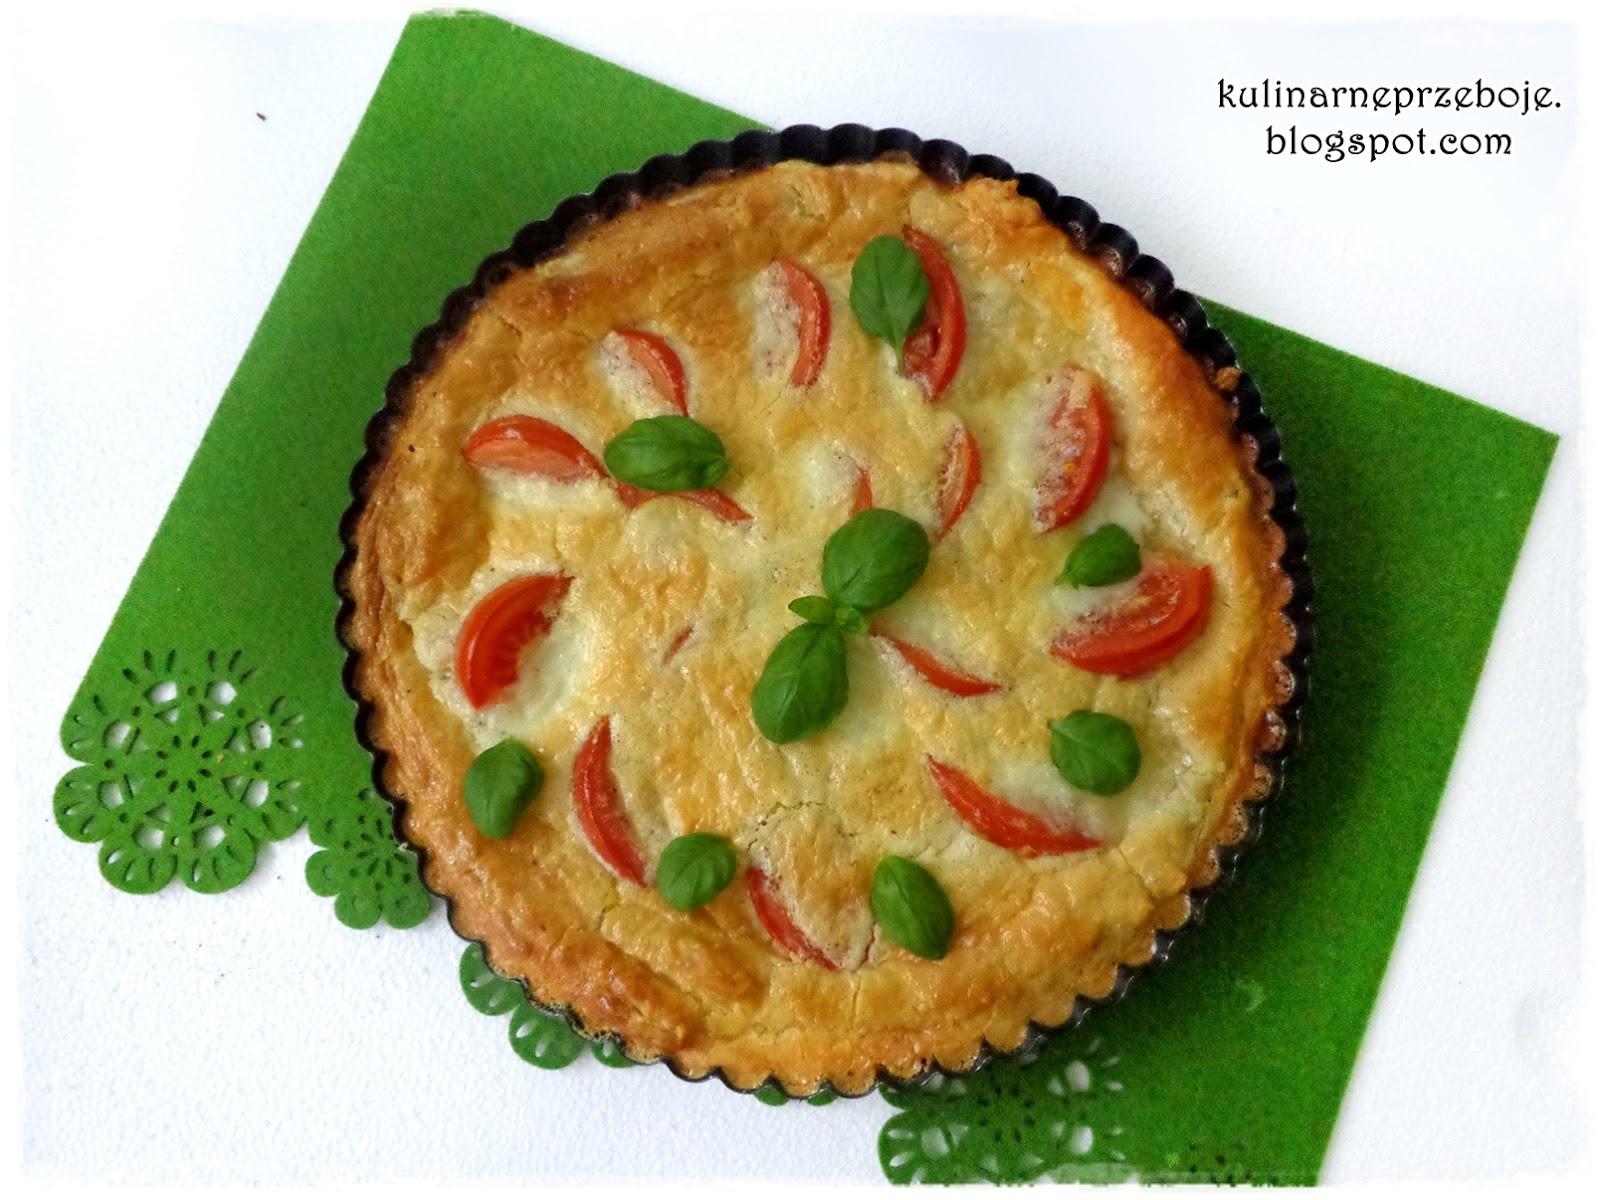 Włoska, szybka tarta na cieście francuskim, z pomidorami i mozzarellą